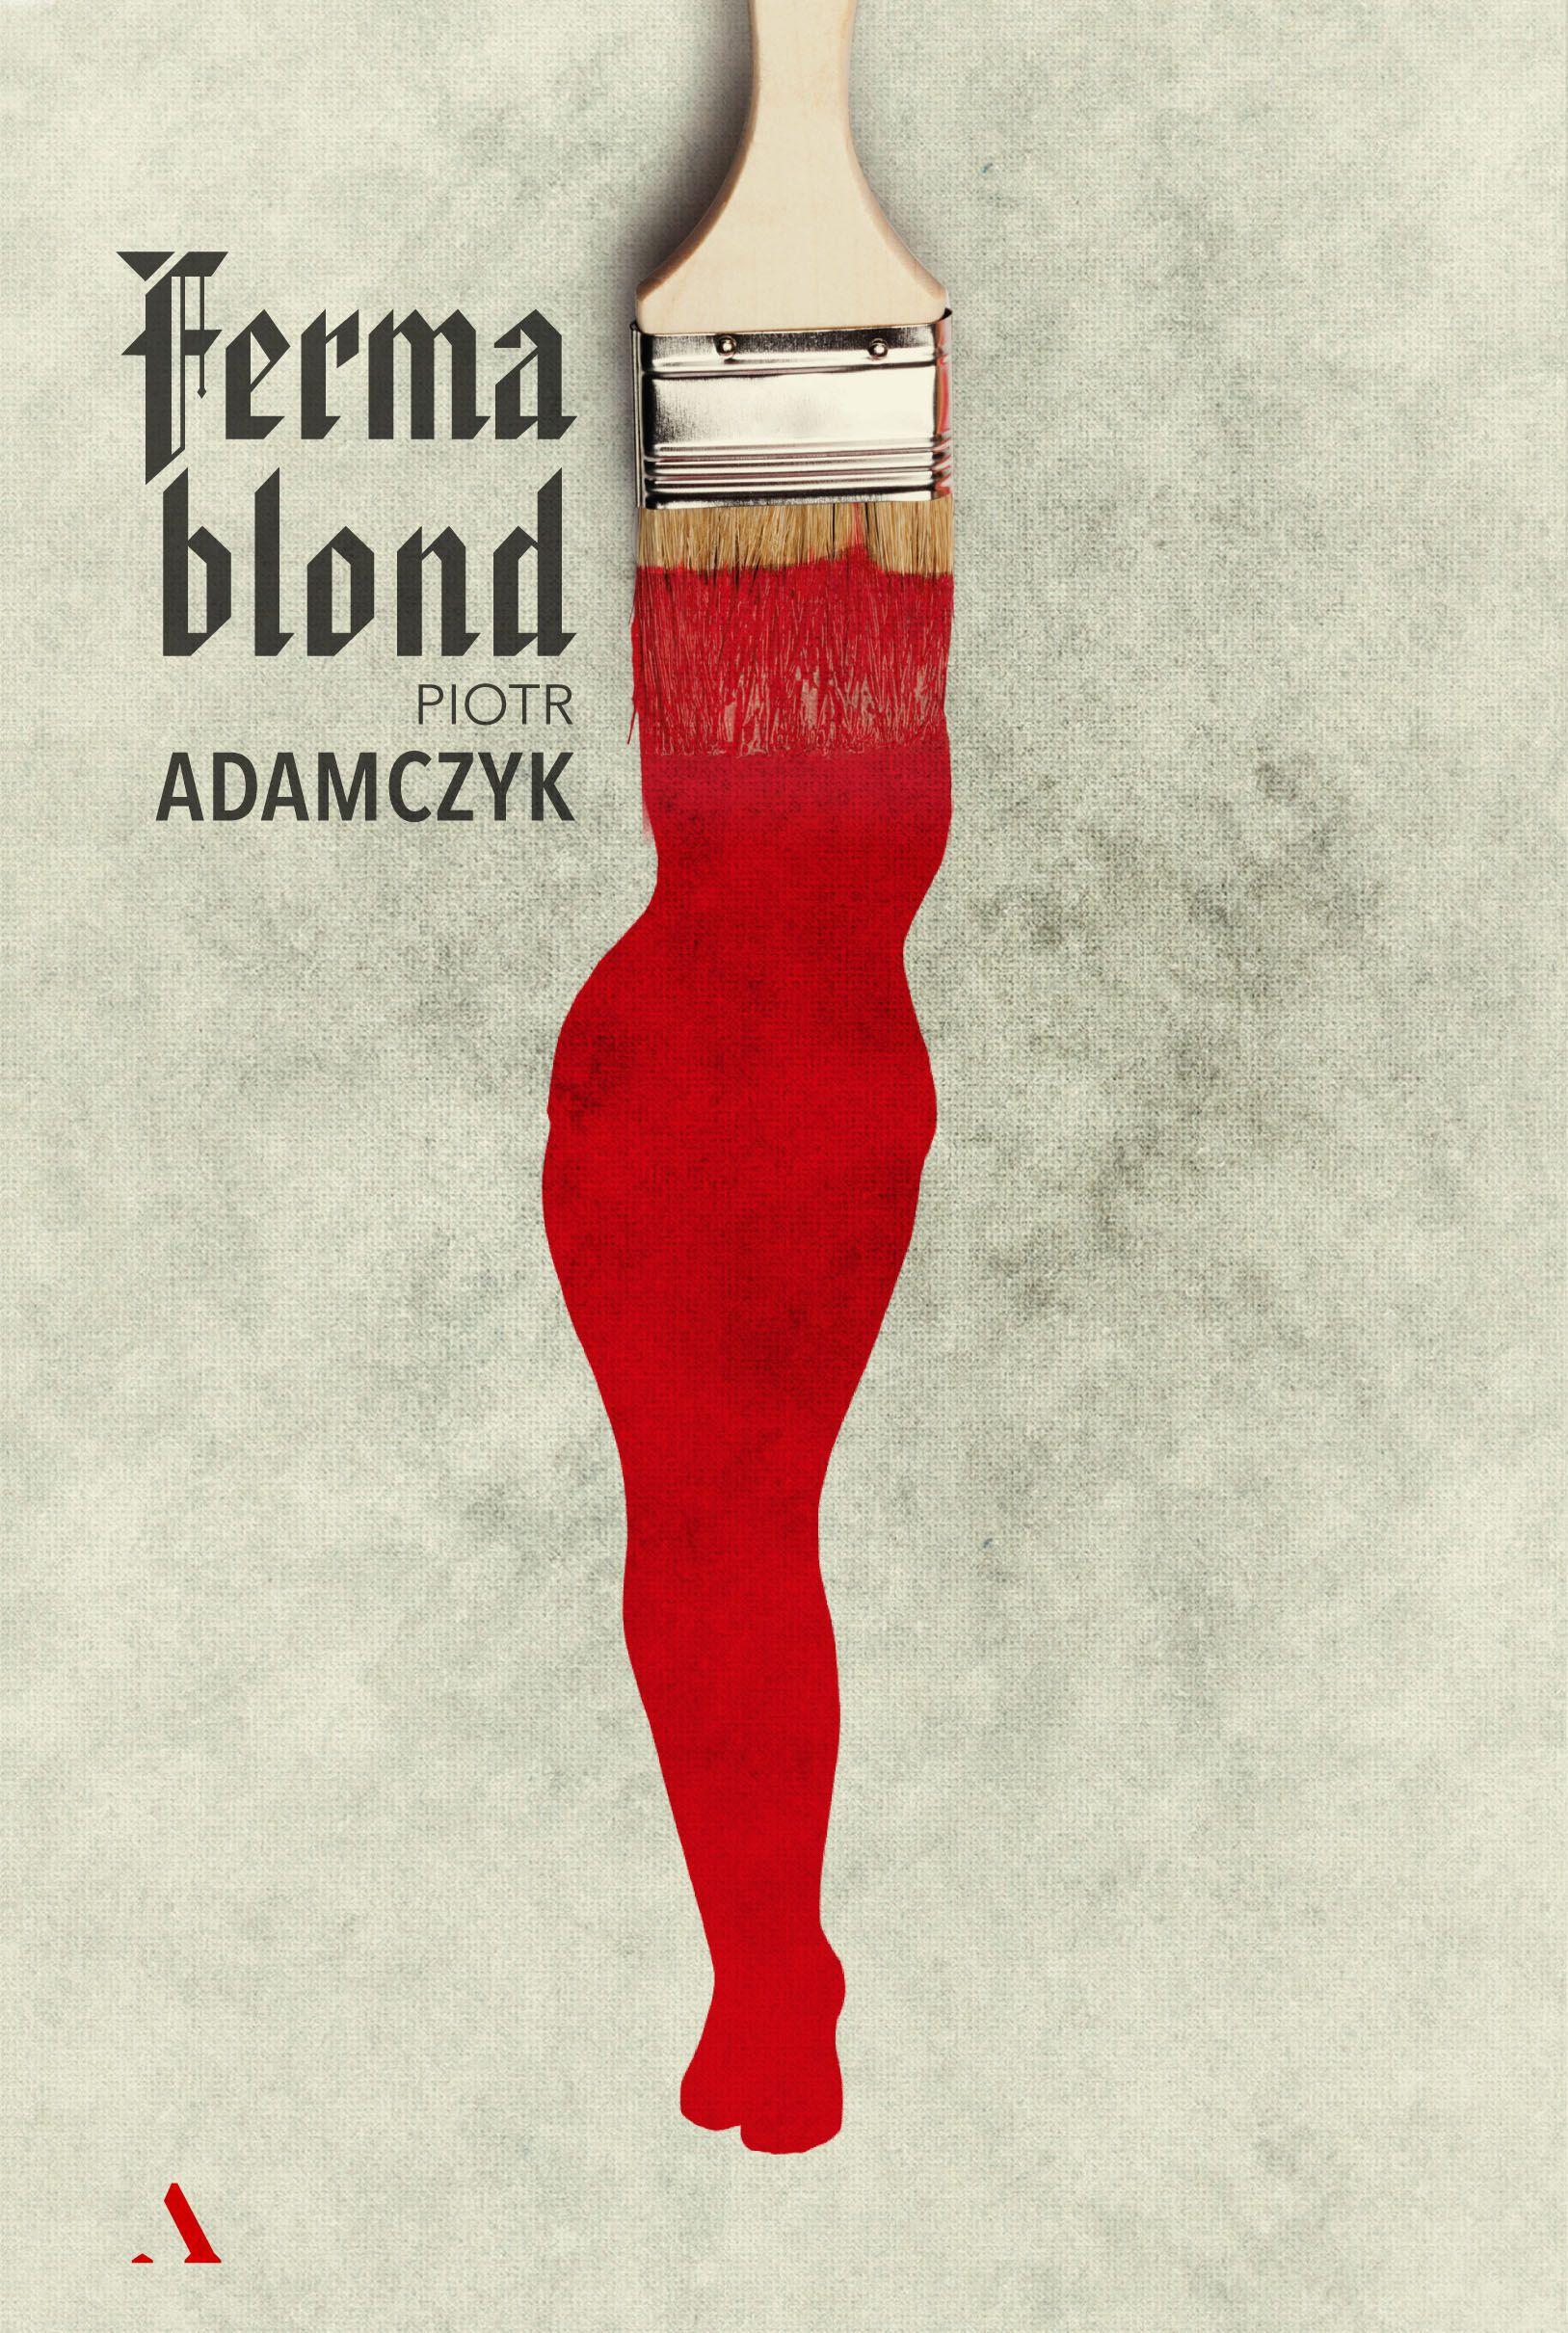 """Nowa książka Piotra Adamczyka """"Ferma Blond"""" (Agora 2018) to historyczny kryminał, rozgrywający się w III Rzeszy i dzisiejszej Polsce. Wielka polityka, sztuka i zdrada z widmem Lebensbornu w tle."""